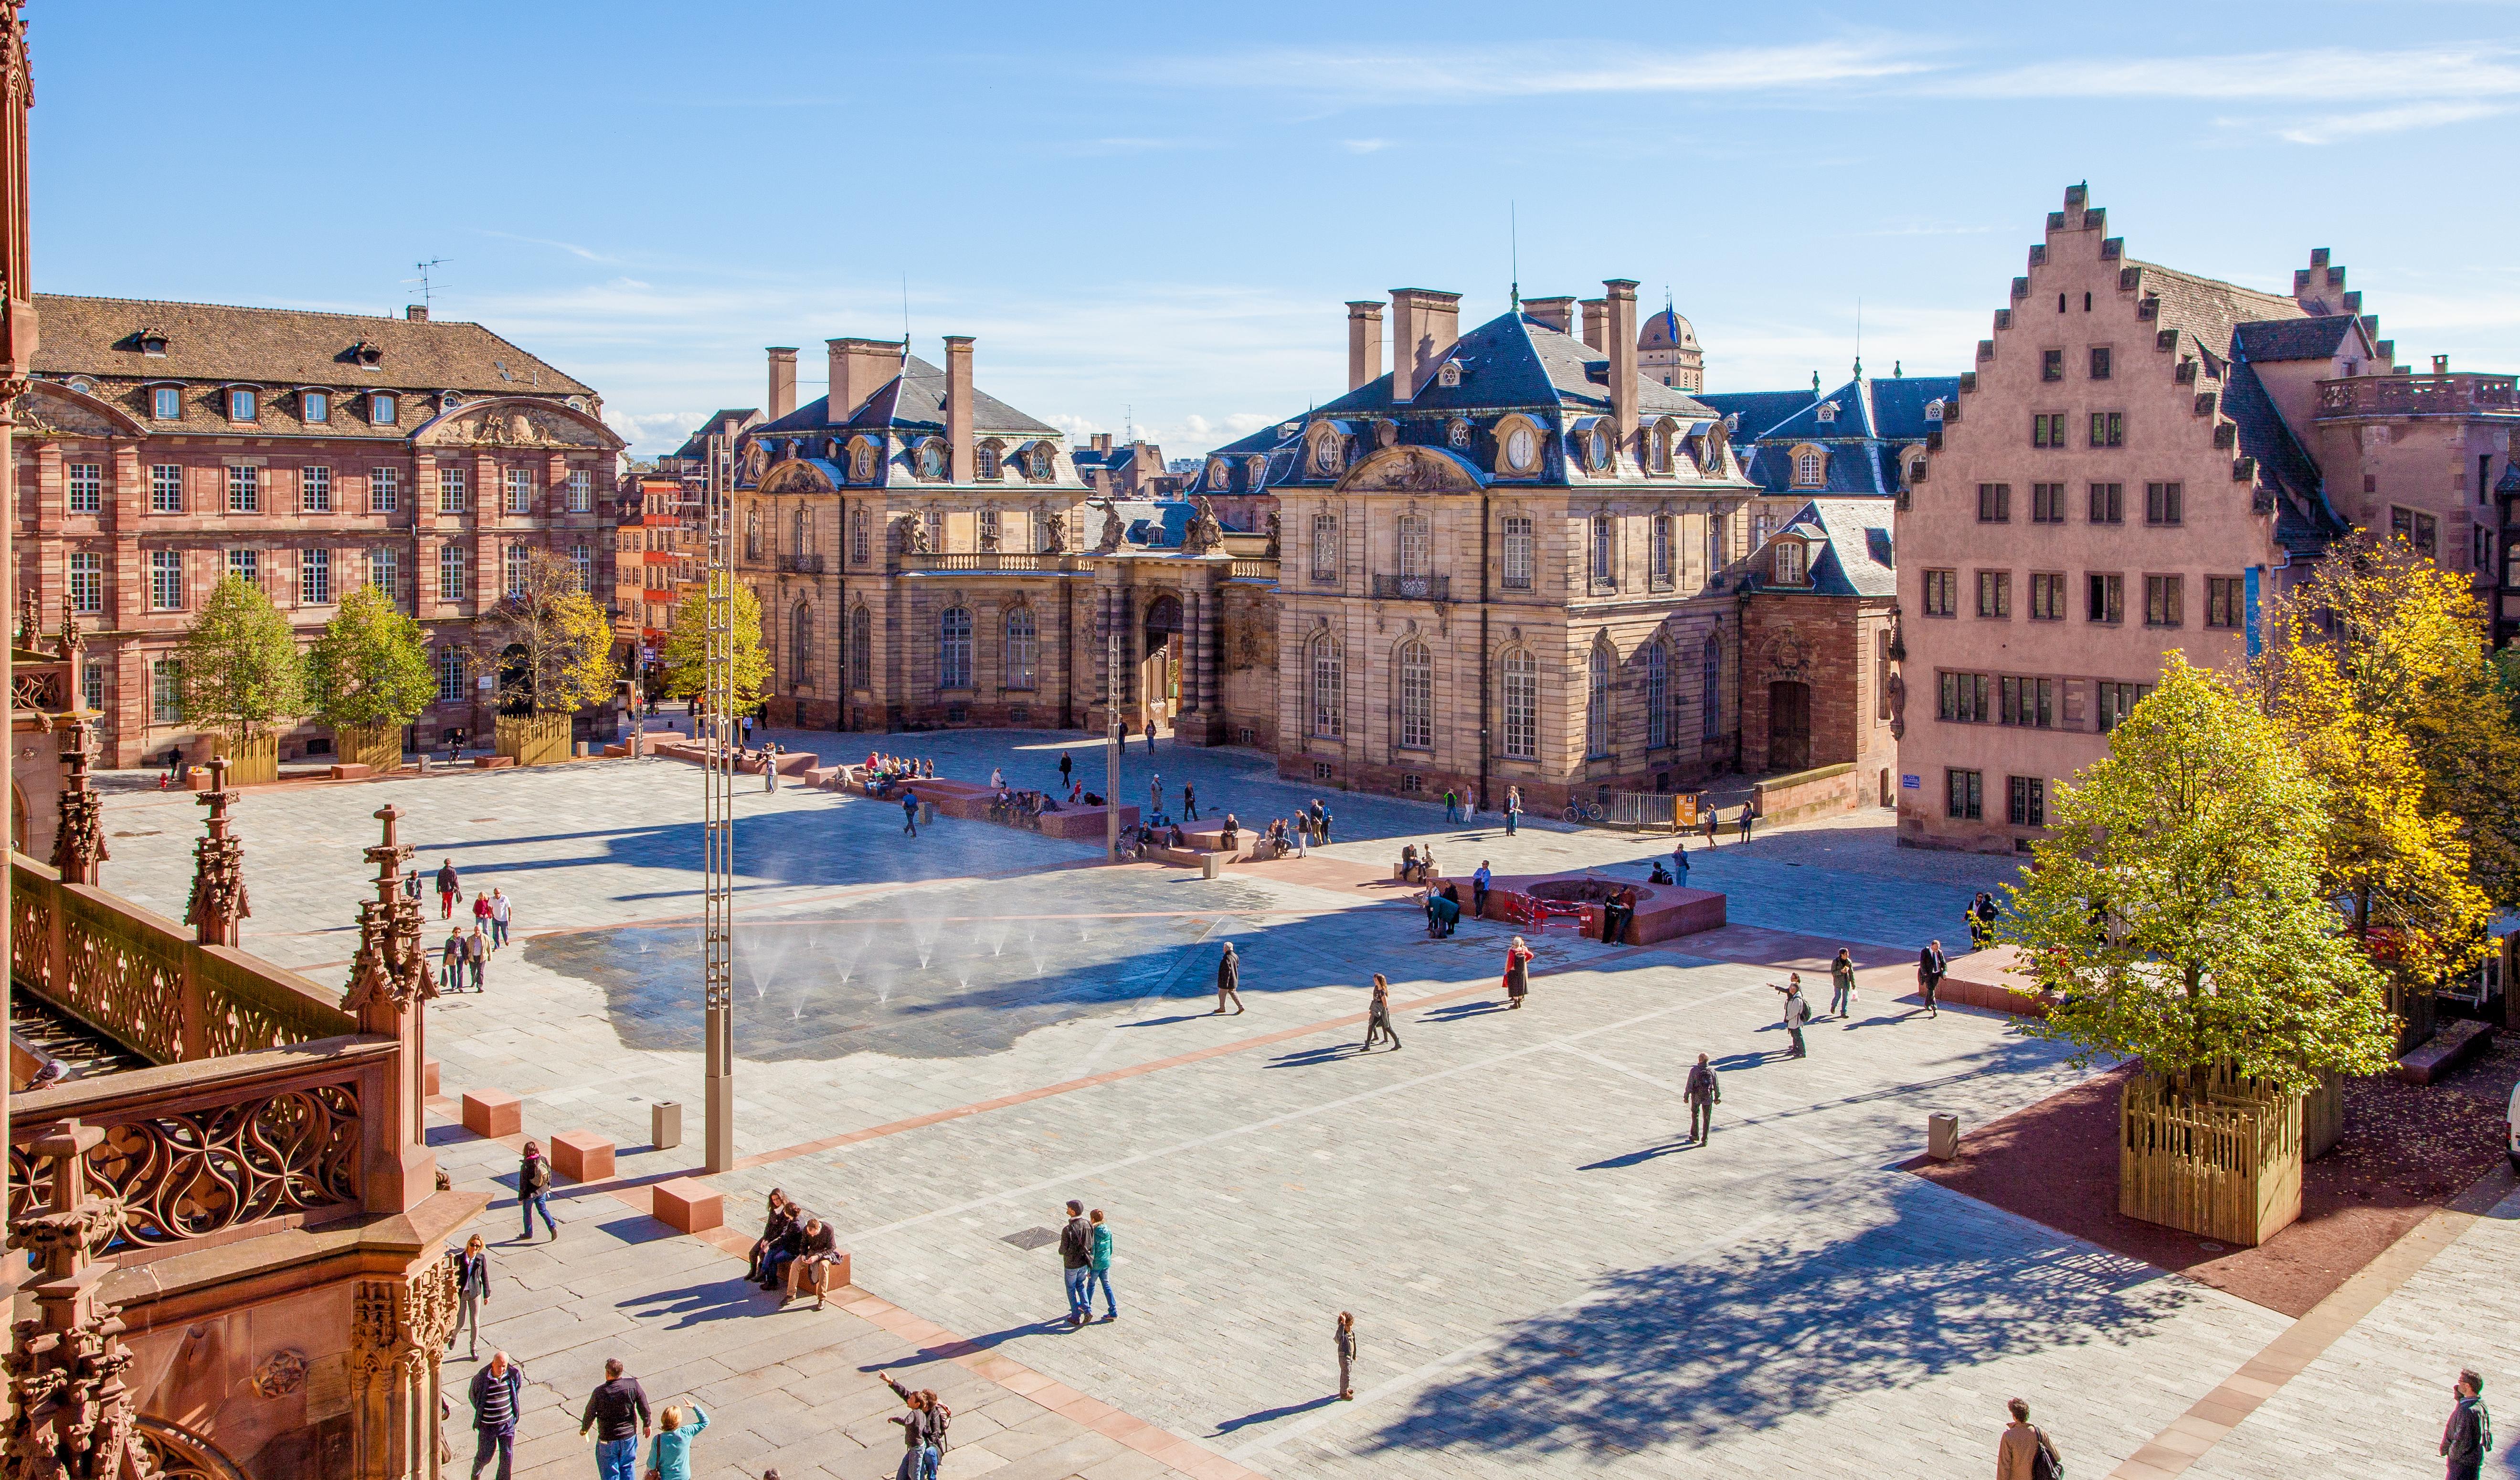 OTSR__Strasbourg_-_Place_du_chateau_©_Philippe_de_Rexel